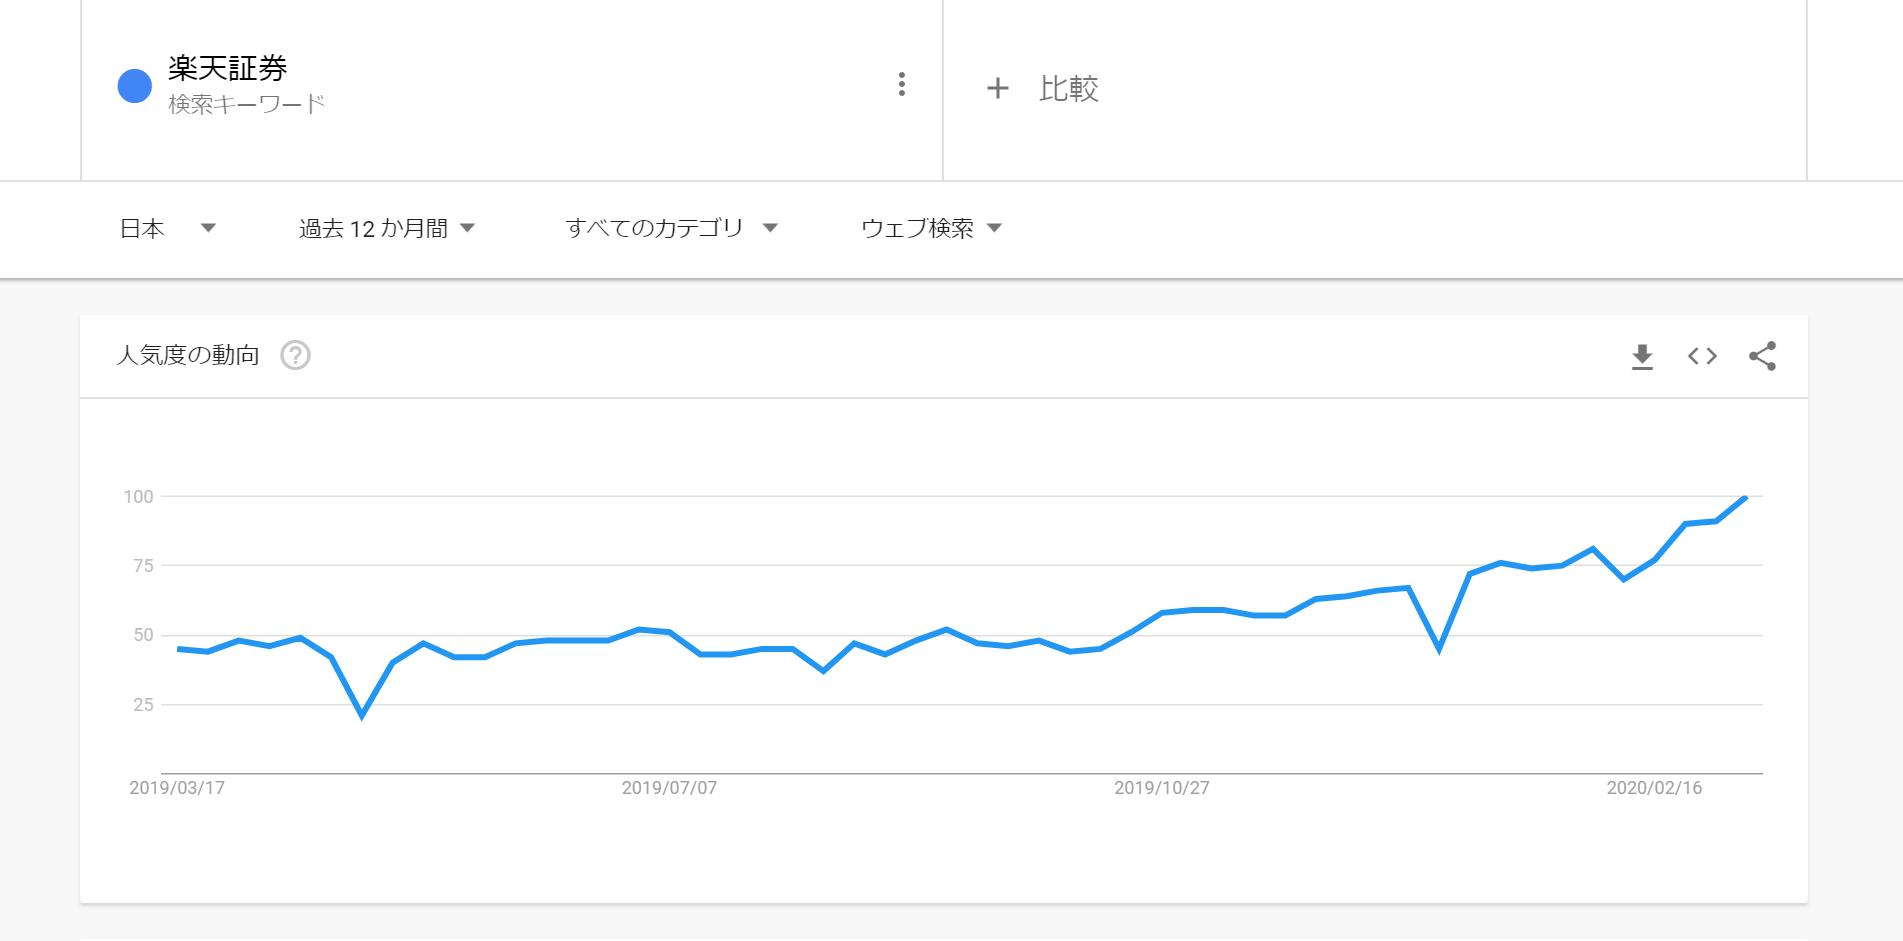 楽天証券の検索トレンド